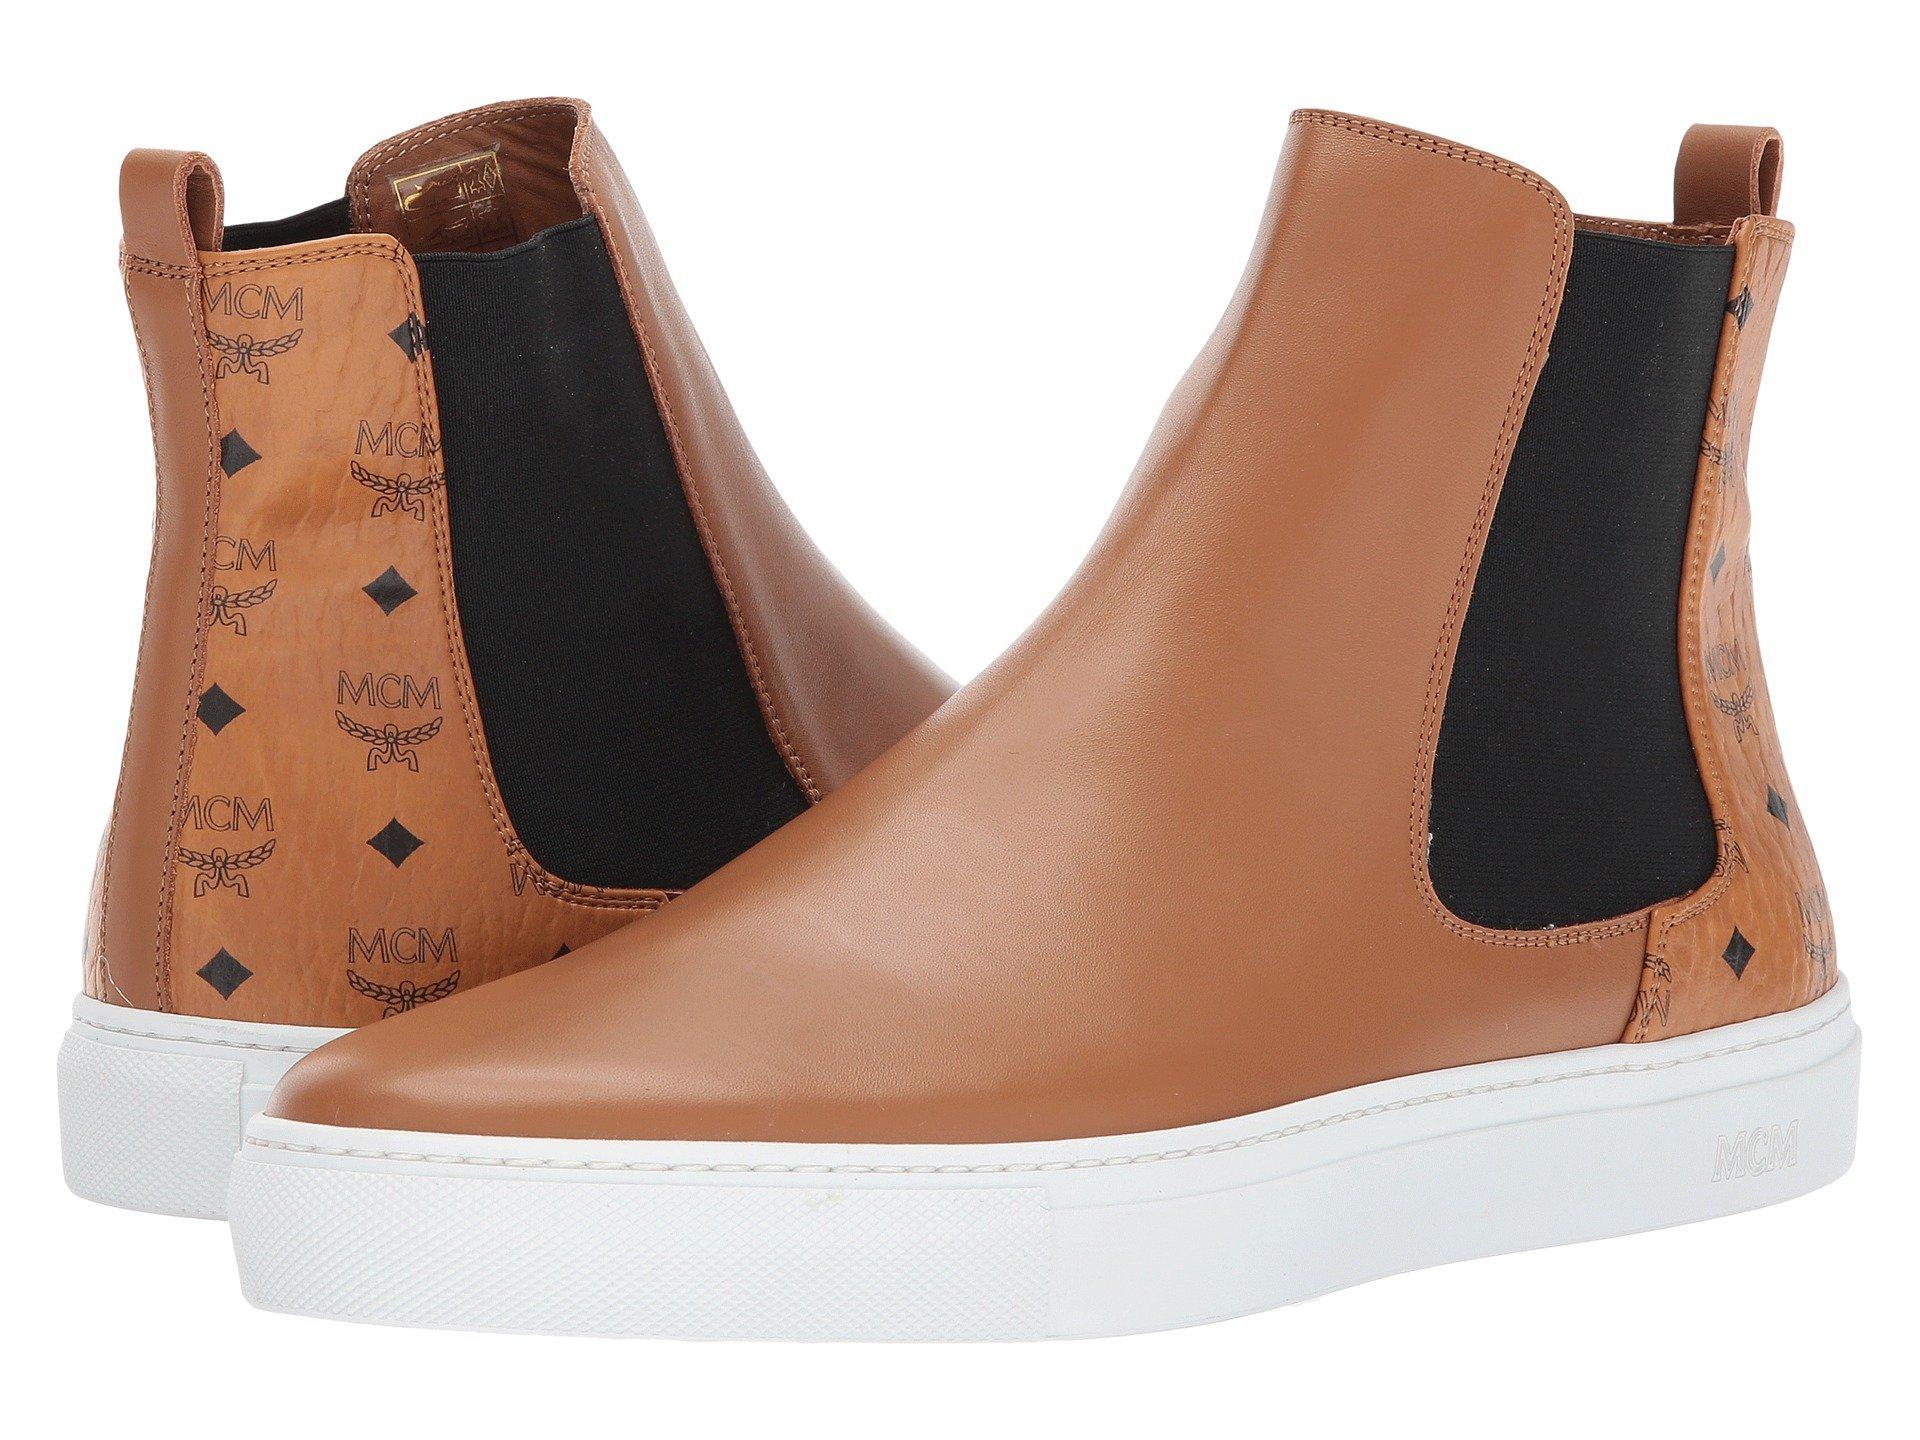 Mcm Visetos Combi Chelsea Boots In Cognac